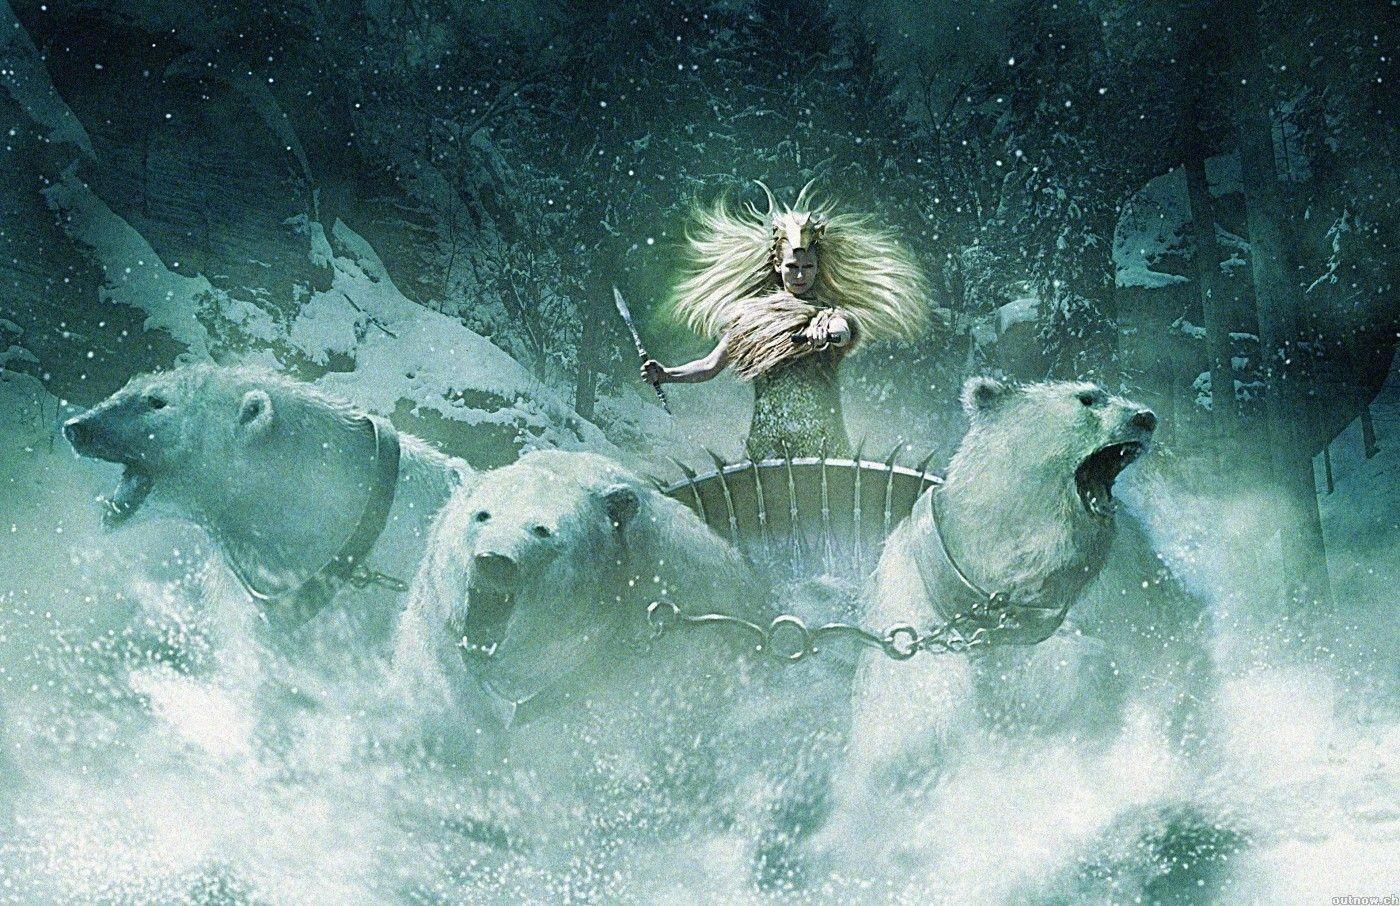 Wallpaper di Tilda Swinton nel primo capitolo de Le cronache di Narnia.